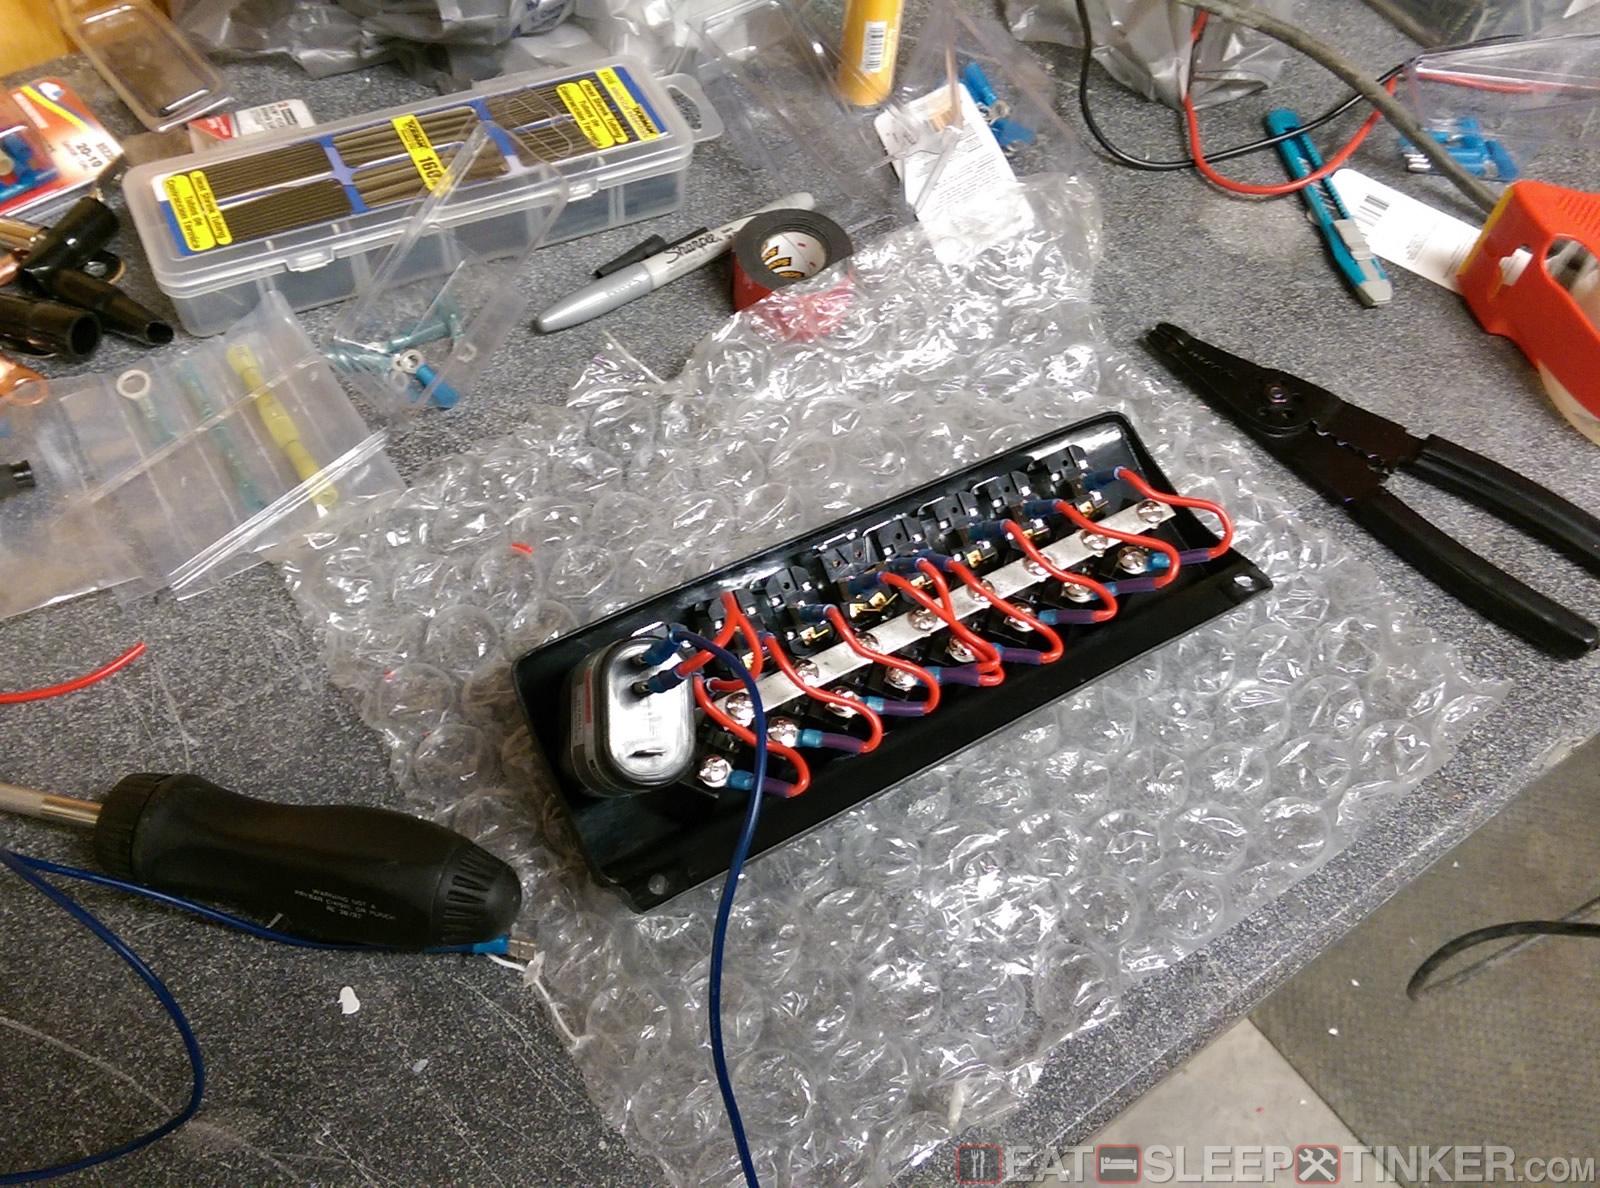 Spec E46 Build Part IX: Electrical - Eat, Sleep, Tinker.Eat, Sleep, Tinker.